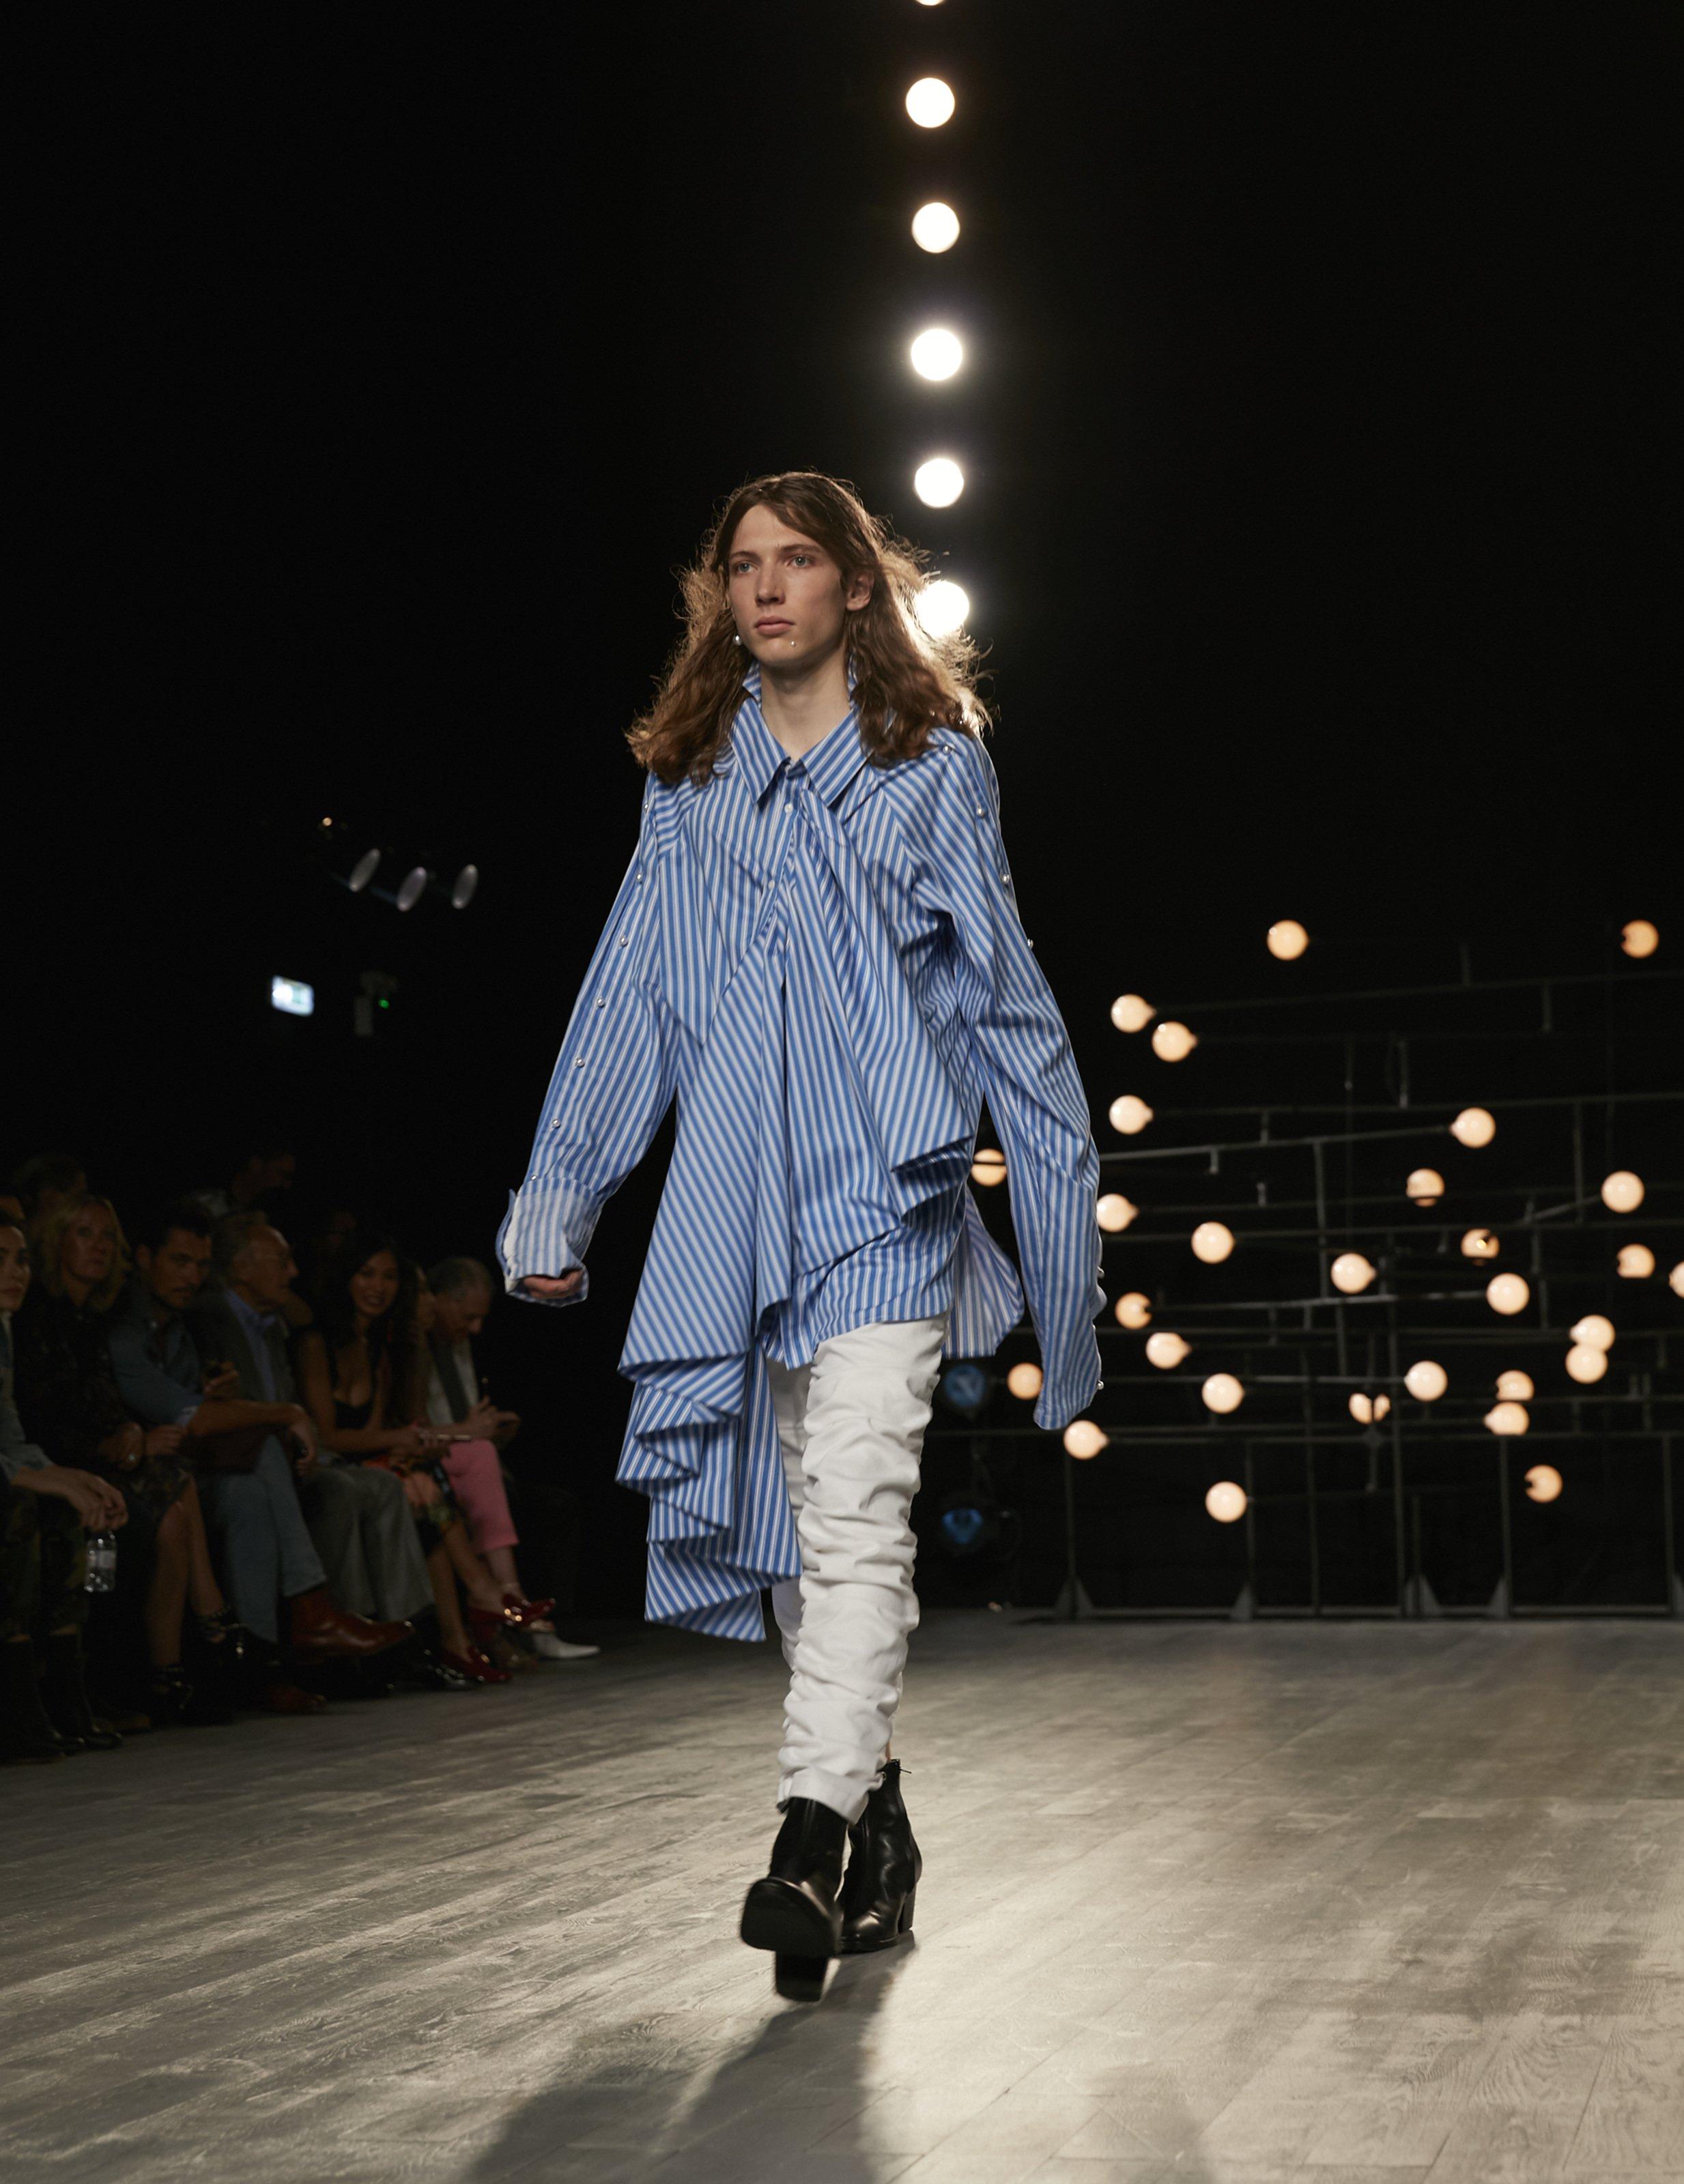 블라인드니스, '런던패션위크맨즈 2018' 19SS 컬렉션